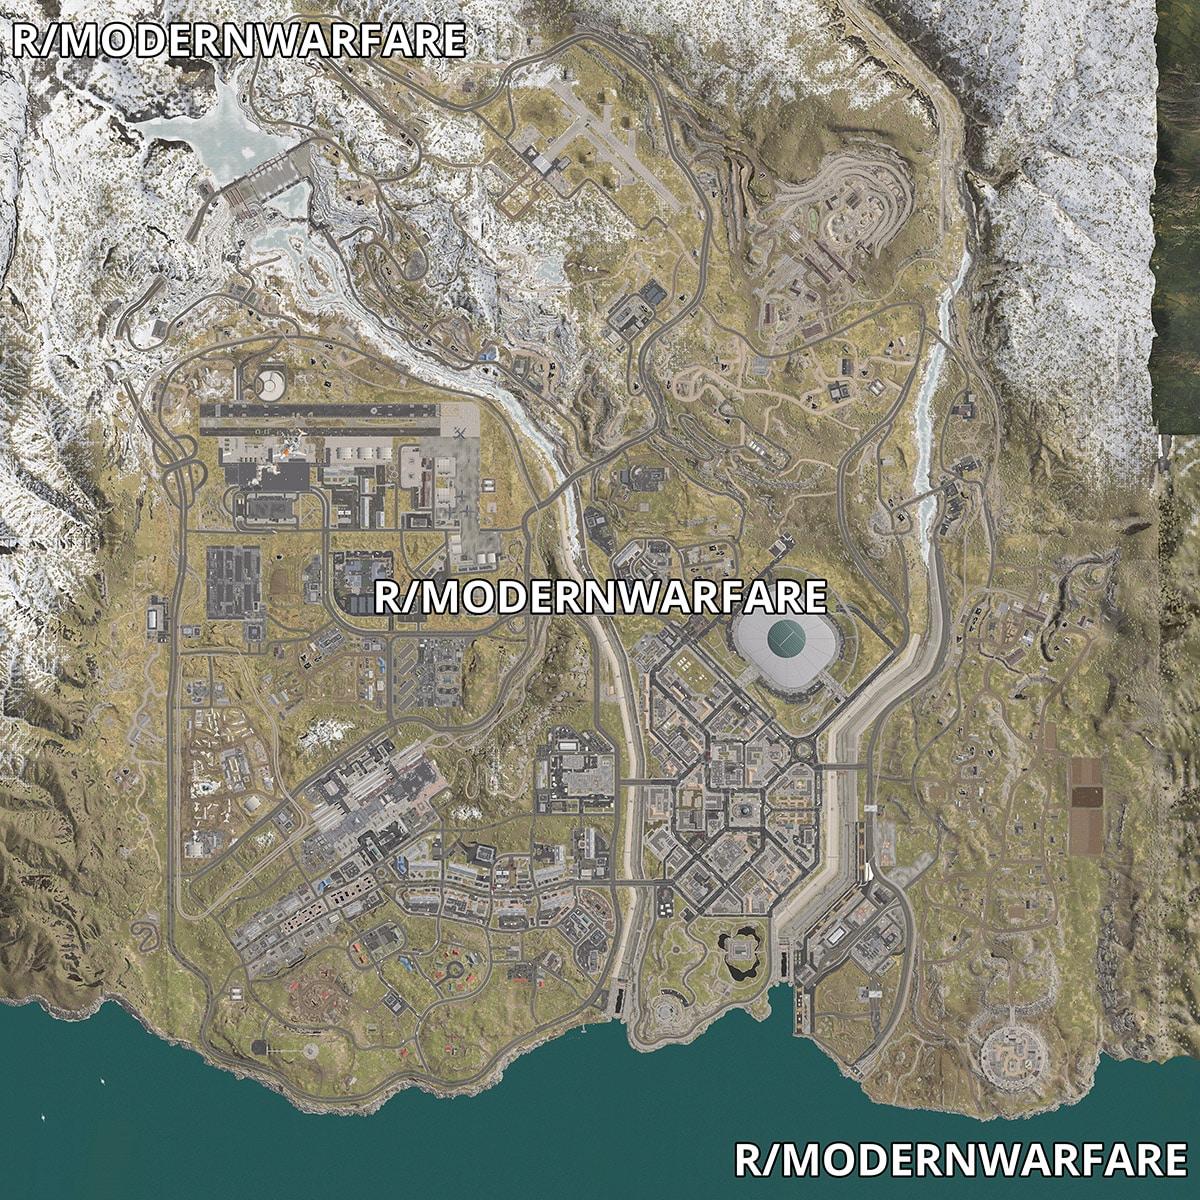 cod-call-of-duty-modern-warfare-battle-royale-map-br-leak-info-date-sortie